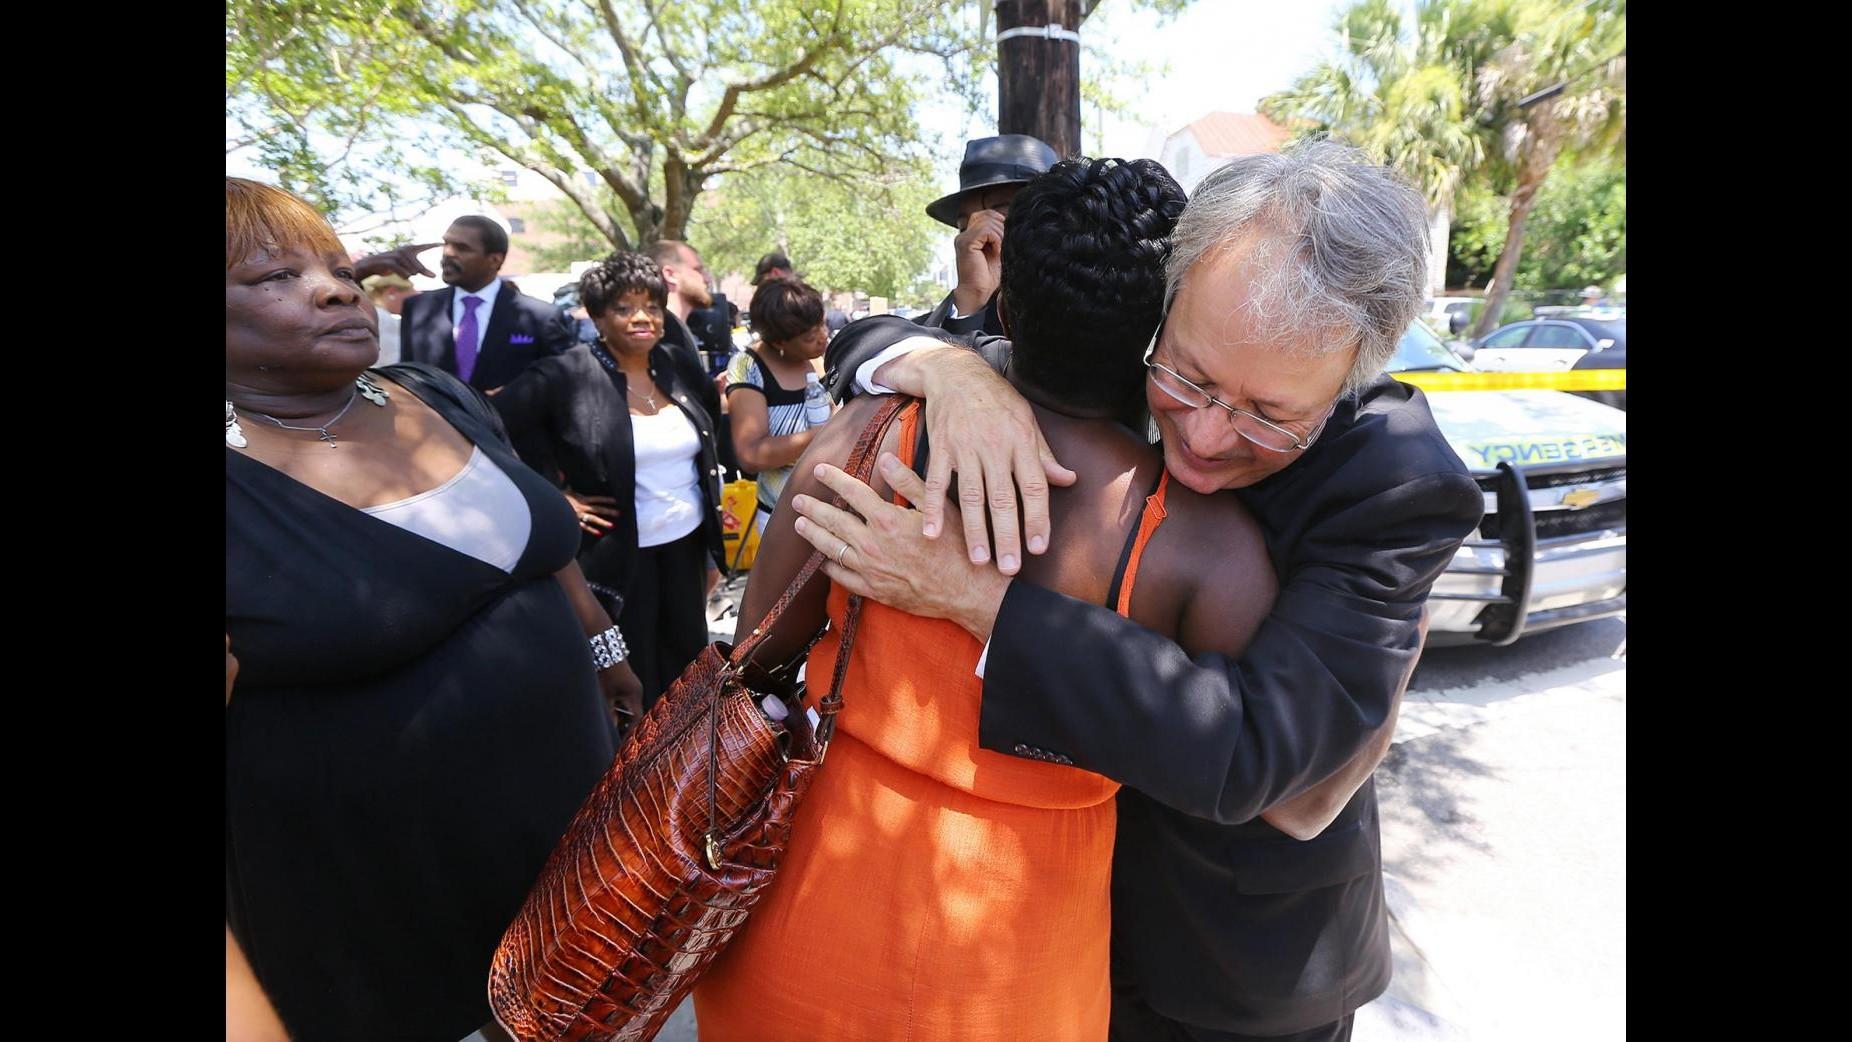 Strage di Charleston,  Roof incriminato per omicidio: voleva una guerra di razza